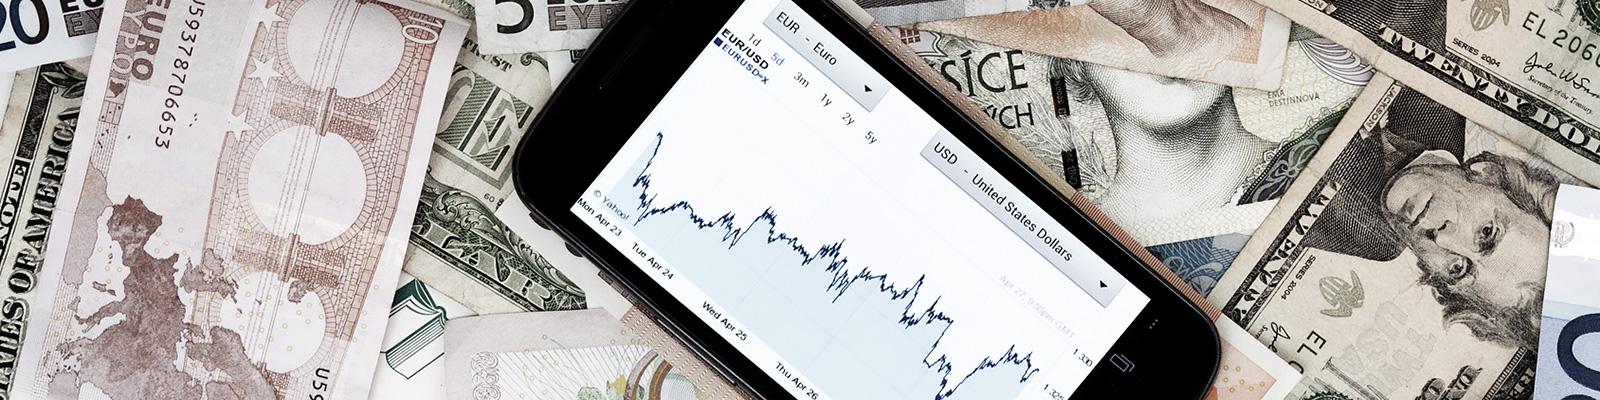 ユーロ 紙幣 銀行 イメージ